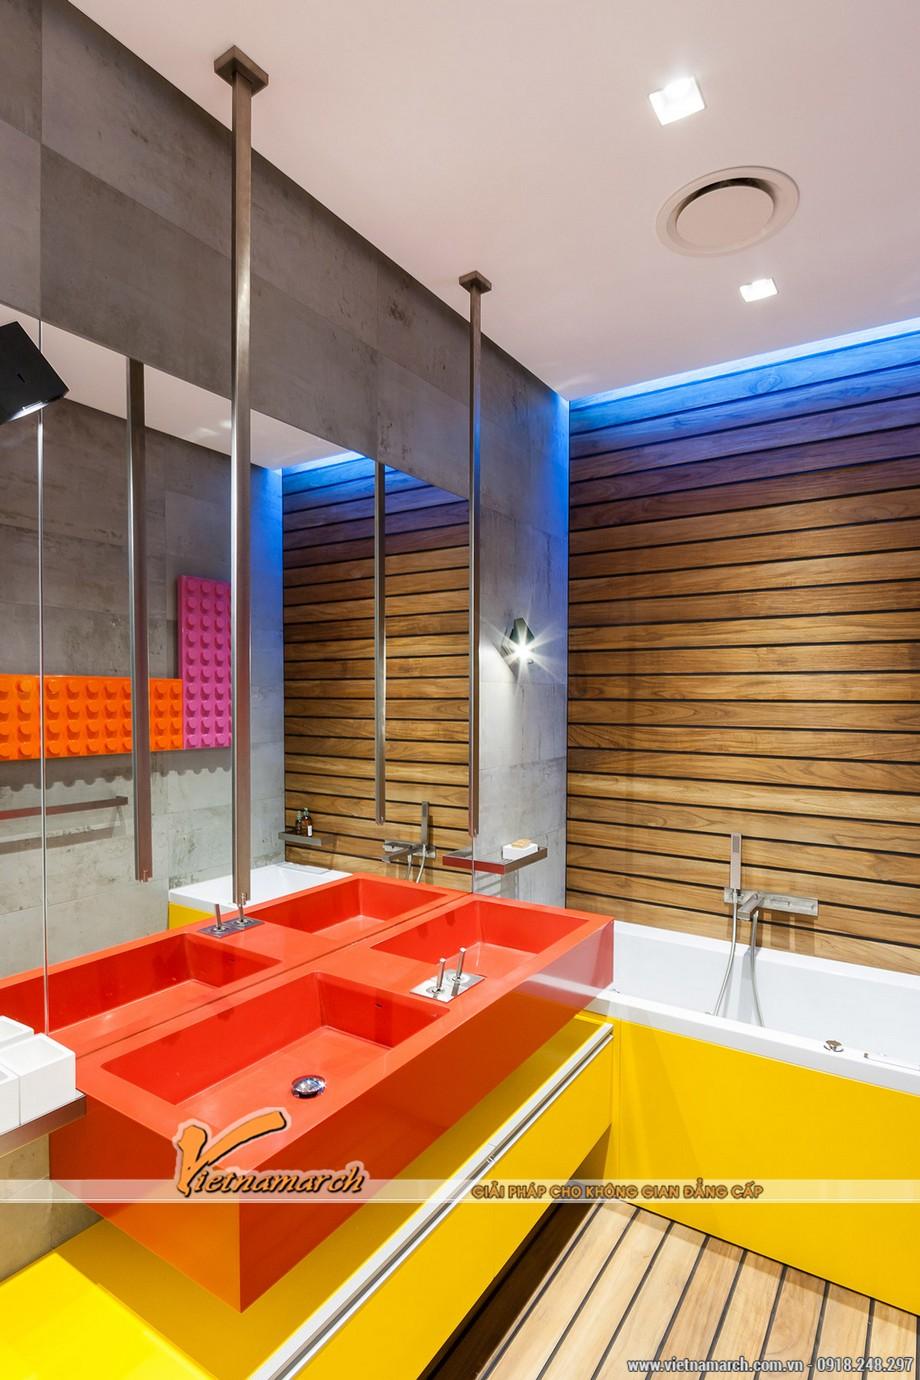 Nội thất phòng tắm thời trang và phong cách